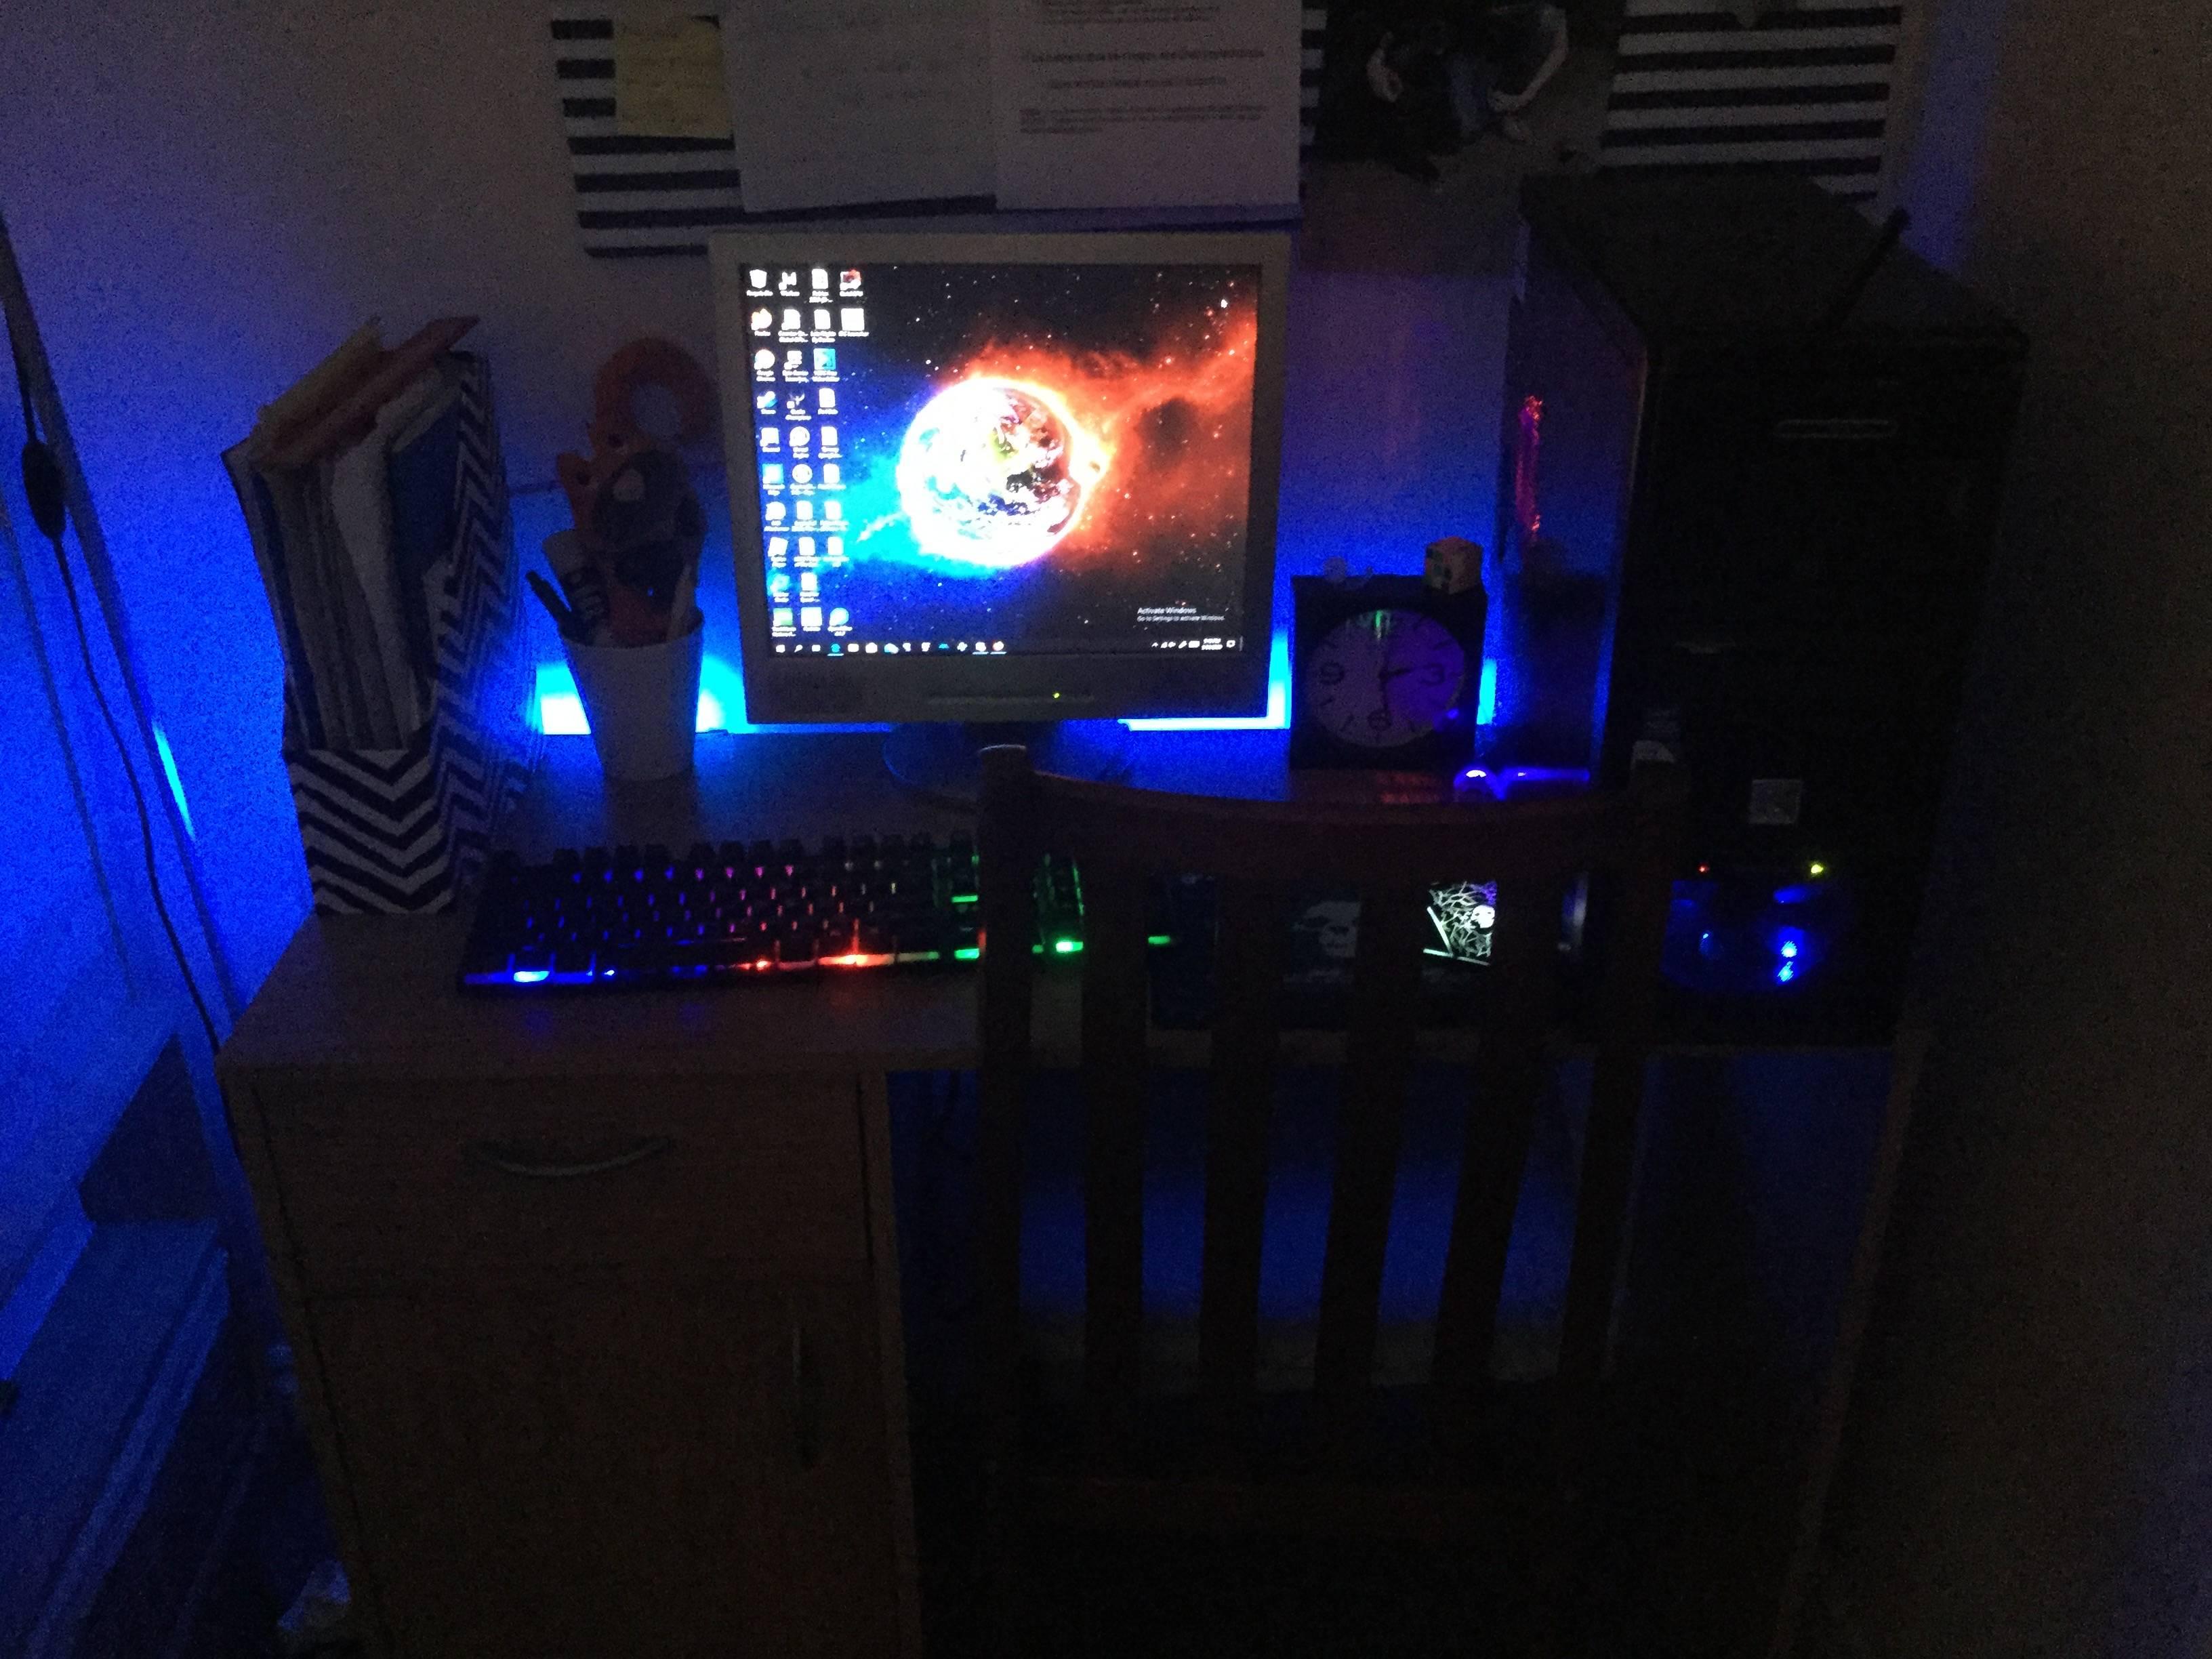 D4rkDreams's Setup - Budget setup slightly upgraded | Scooget